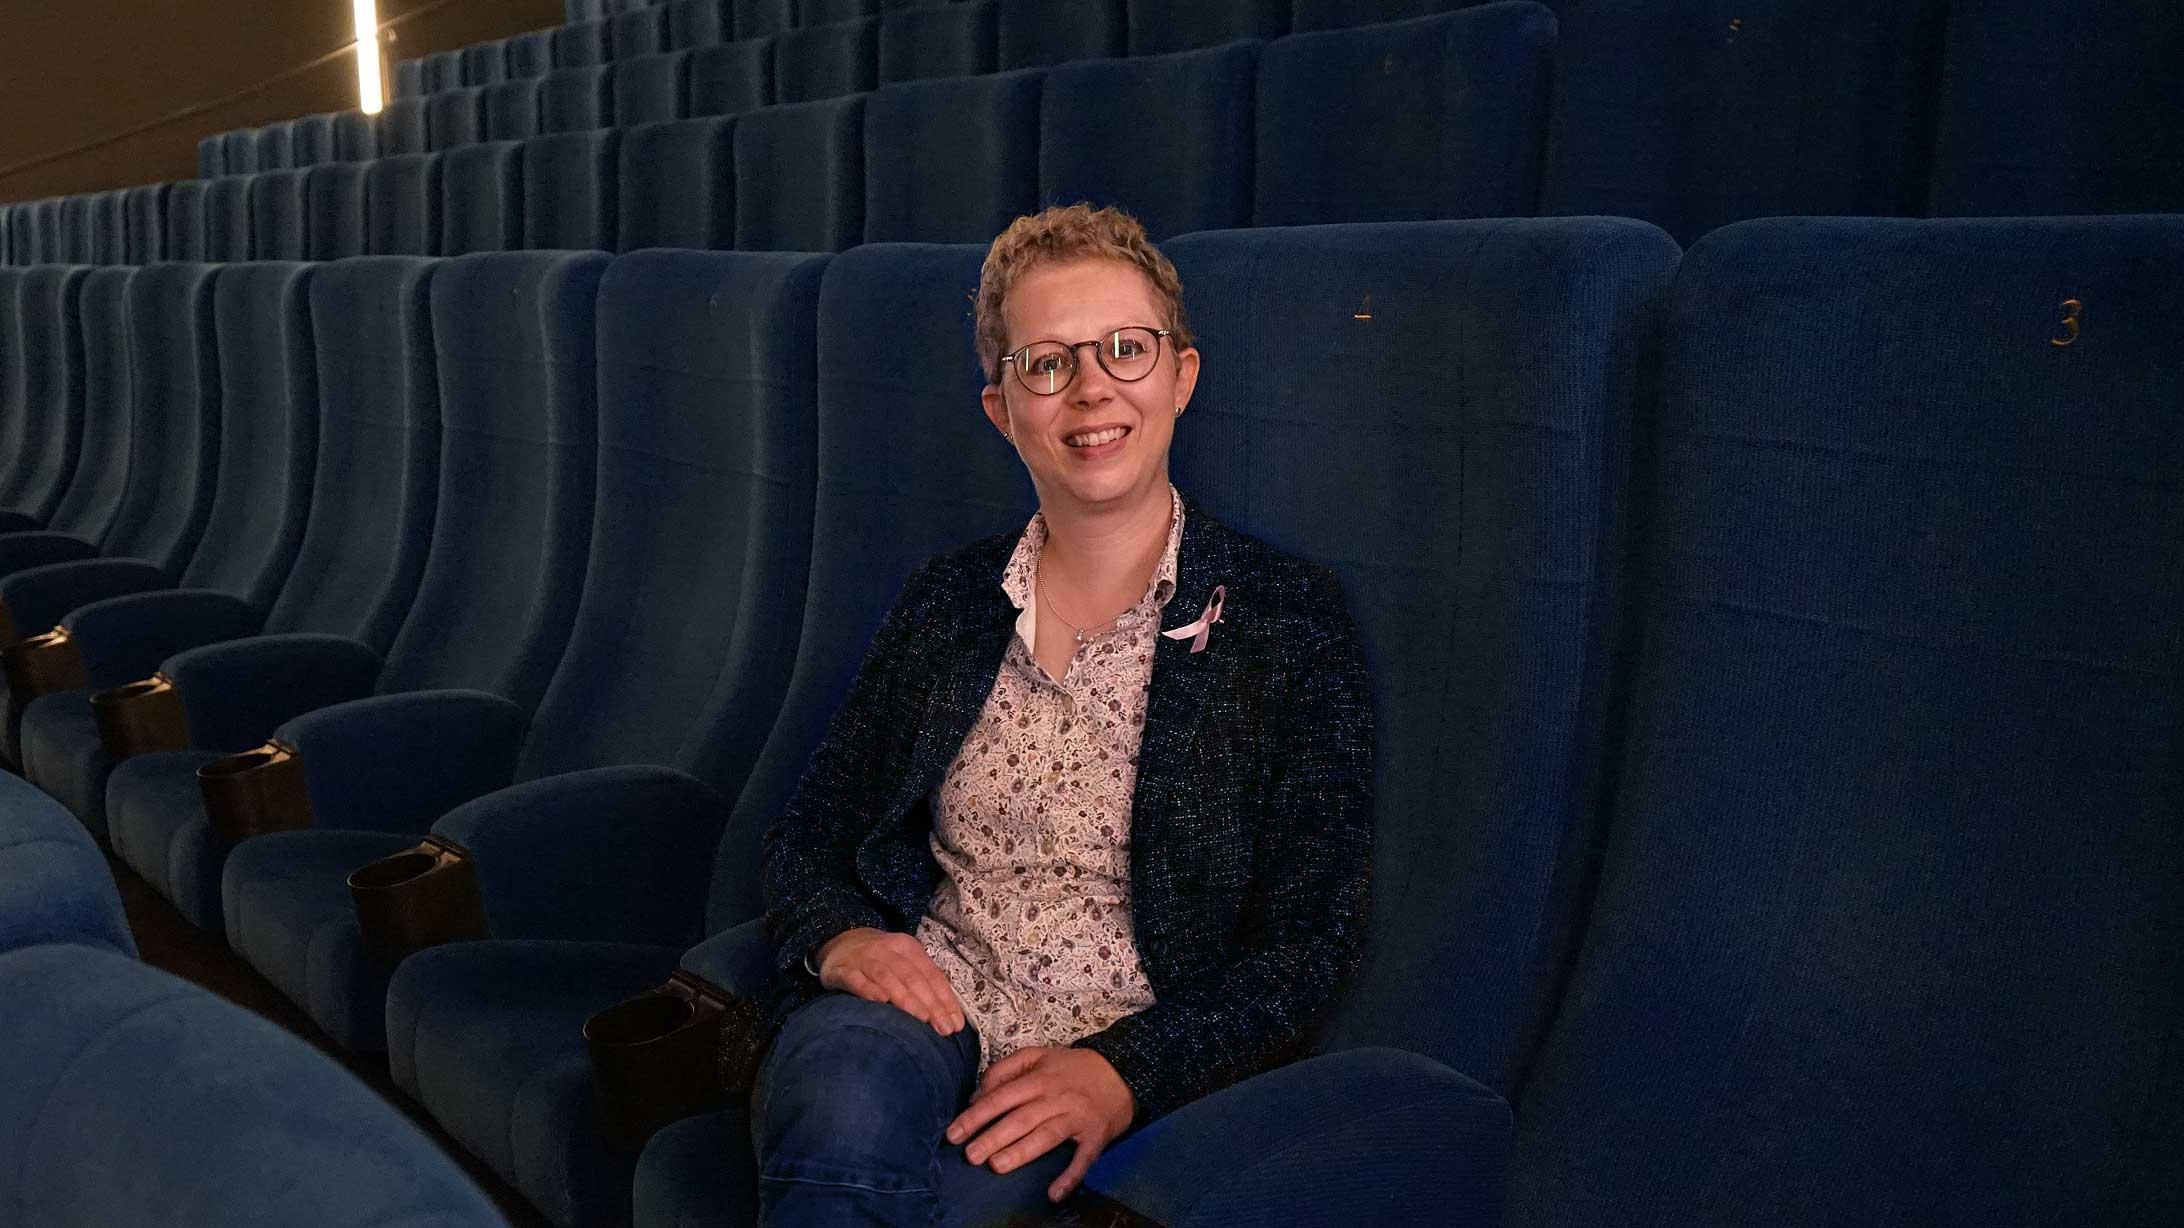 Alexandra Sterk, Brustkrebspatientin und Kinobesitzerin, sitzt im leeren Kinosaal.